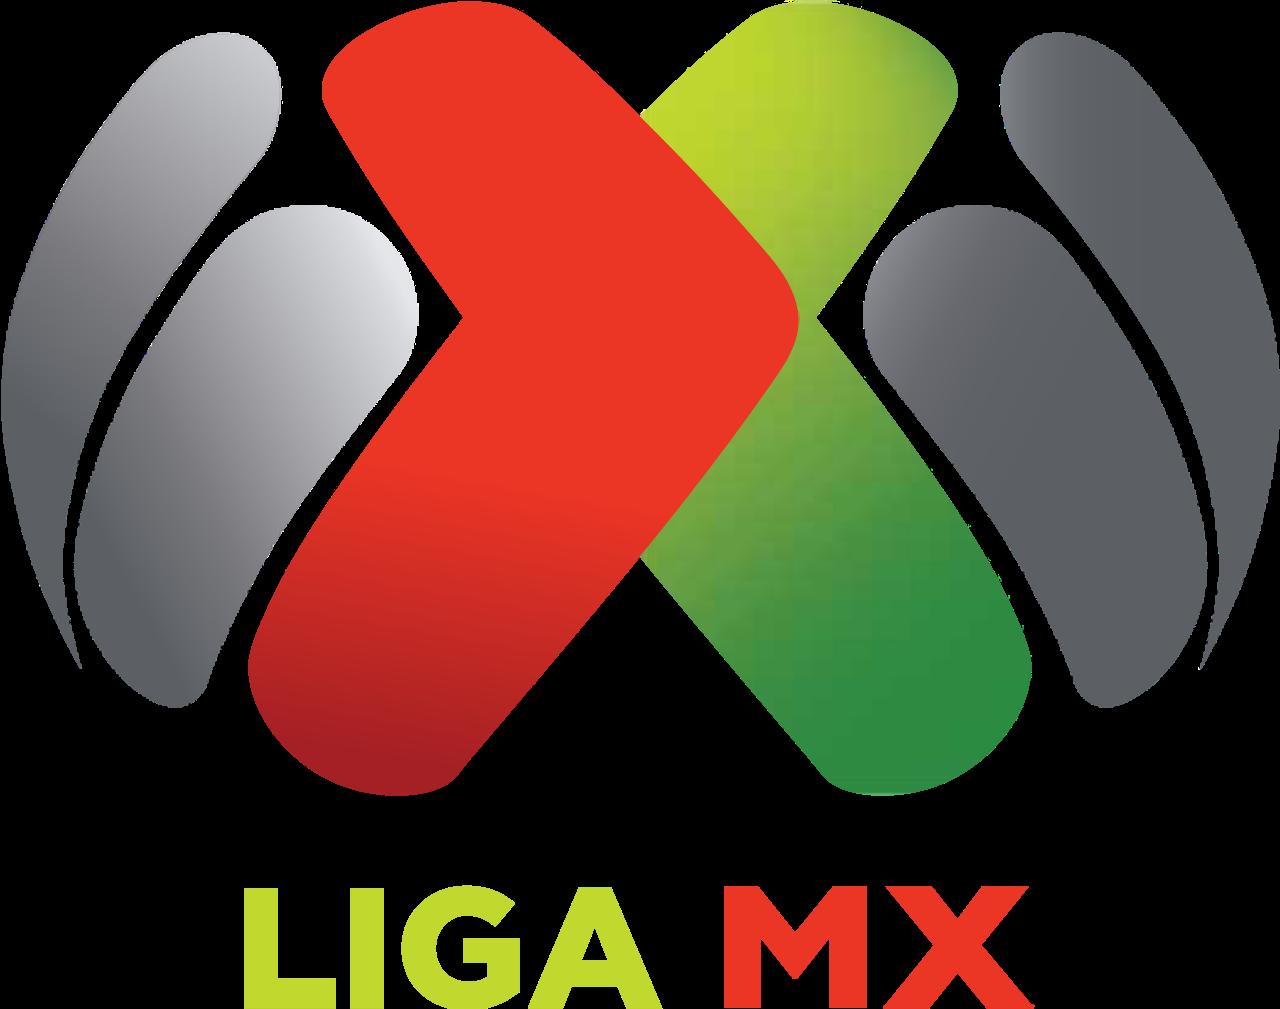 Resultado de imagen para liga mx